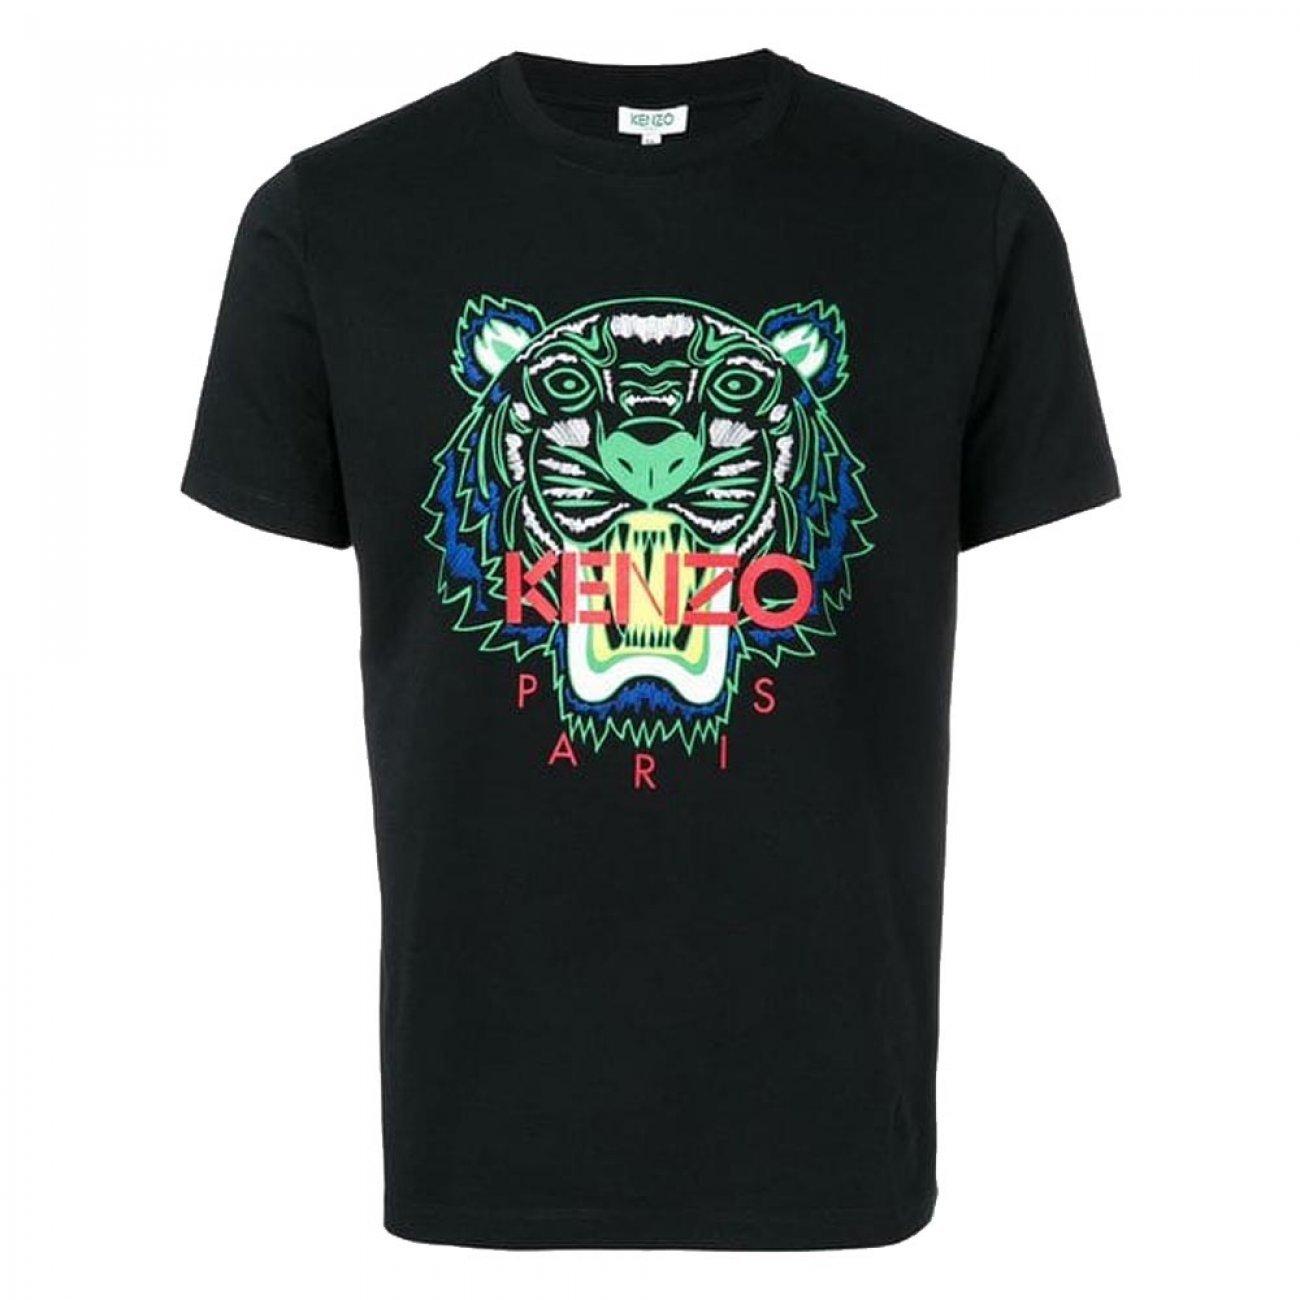 T-shirt Kenzo PARIS jakość Granatowy XXL